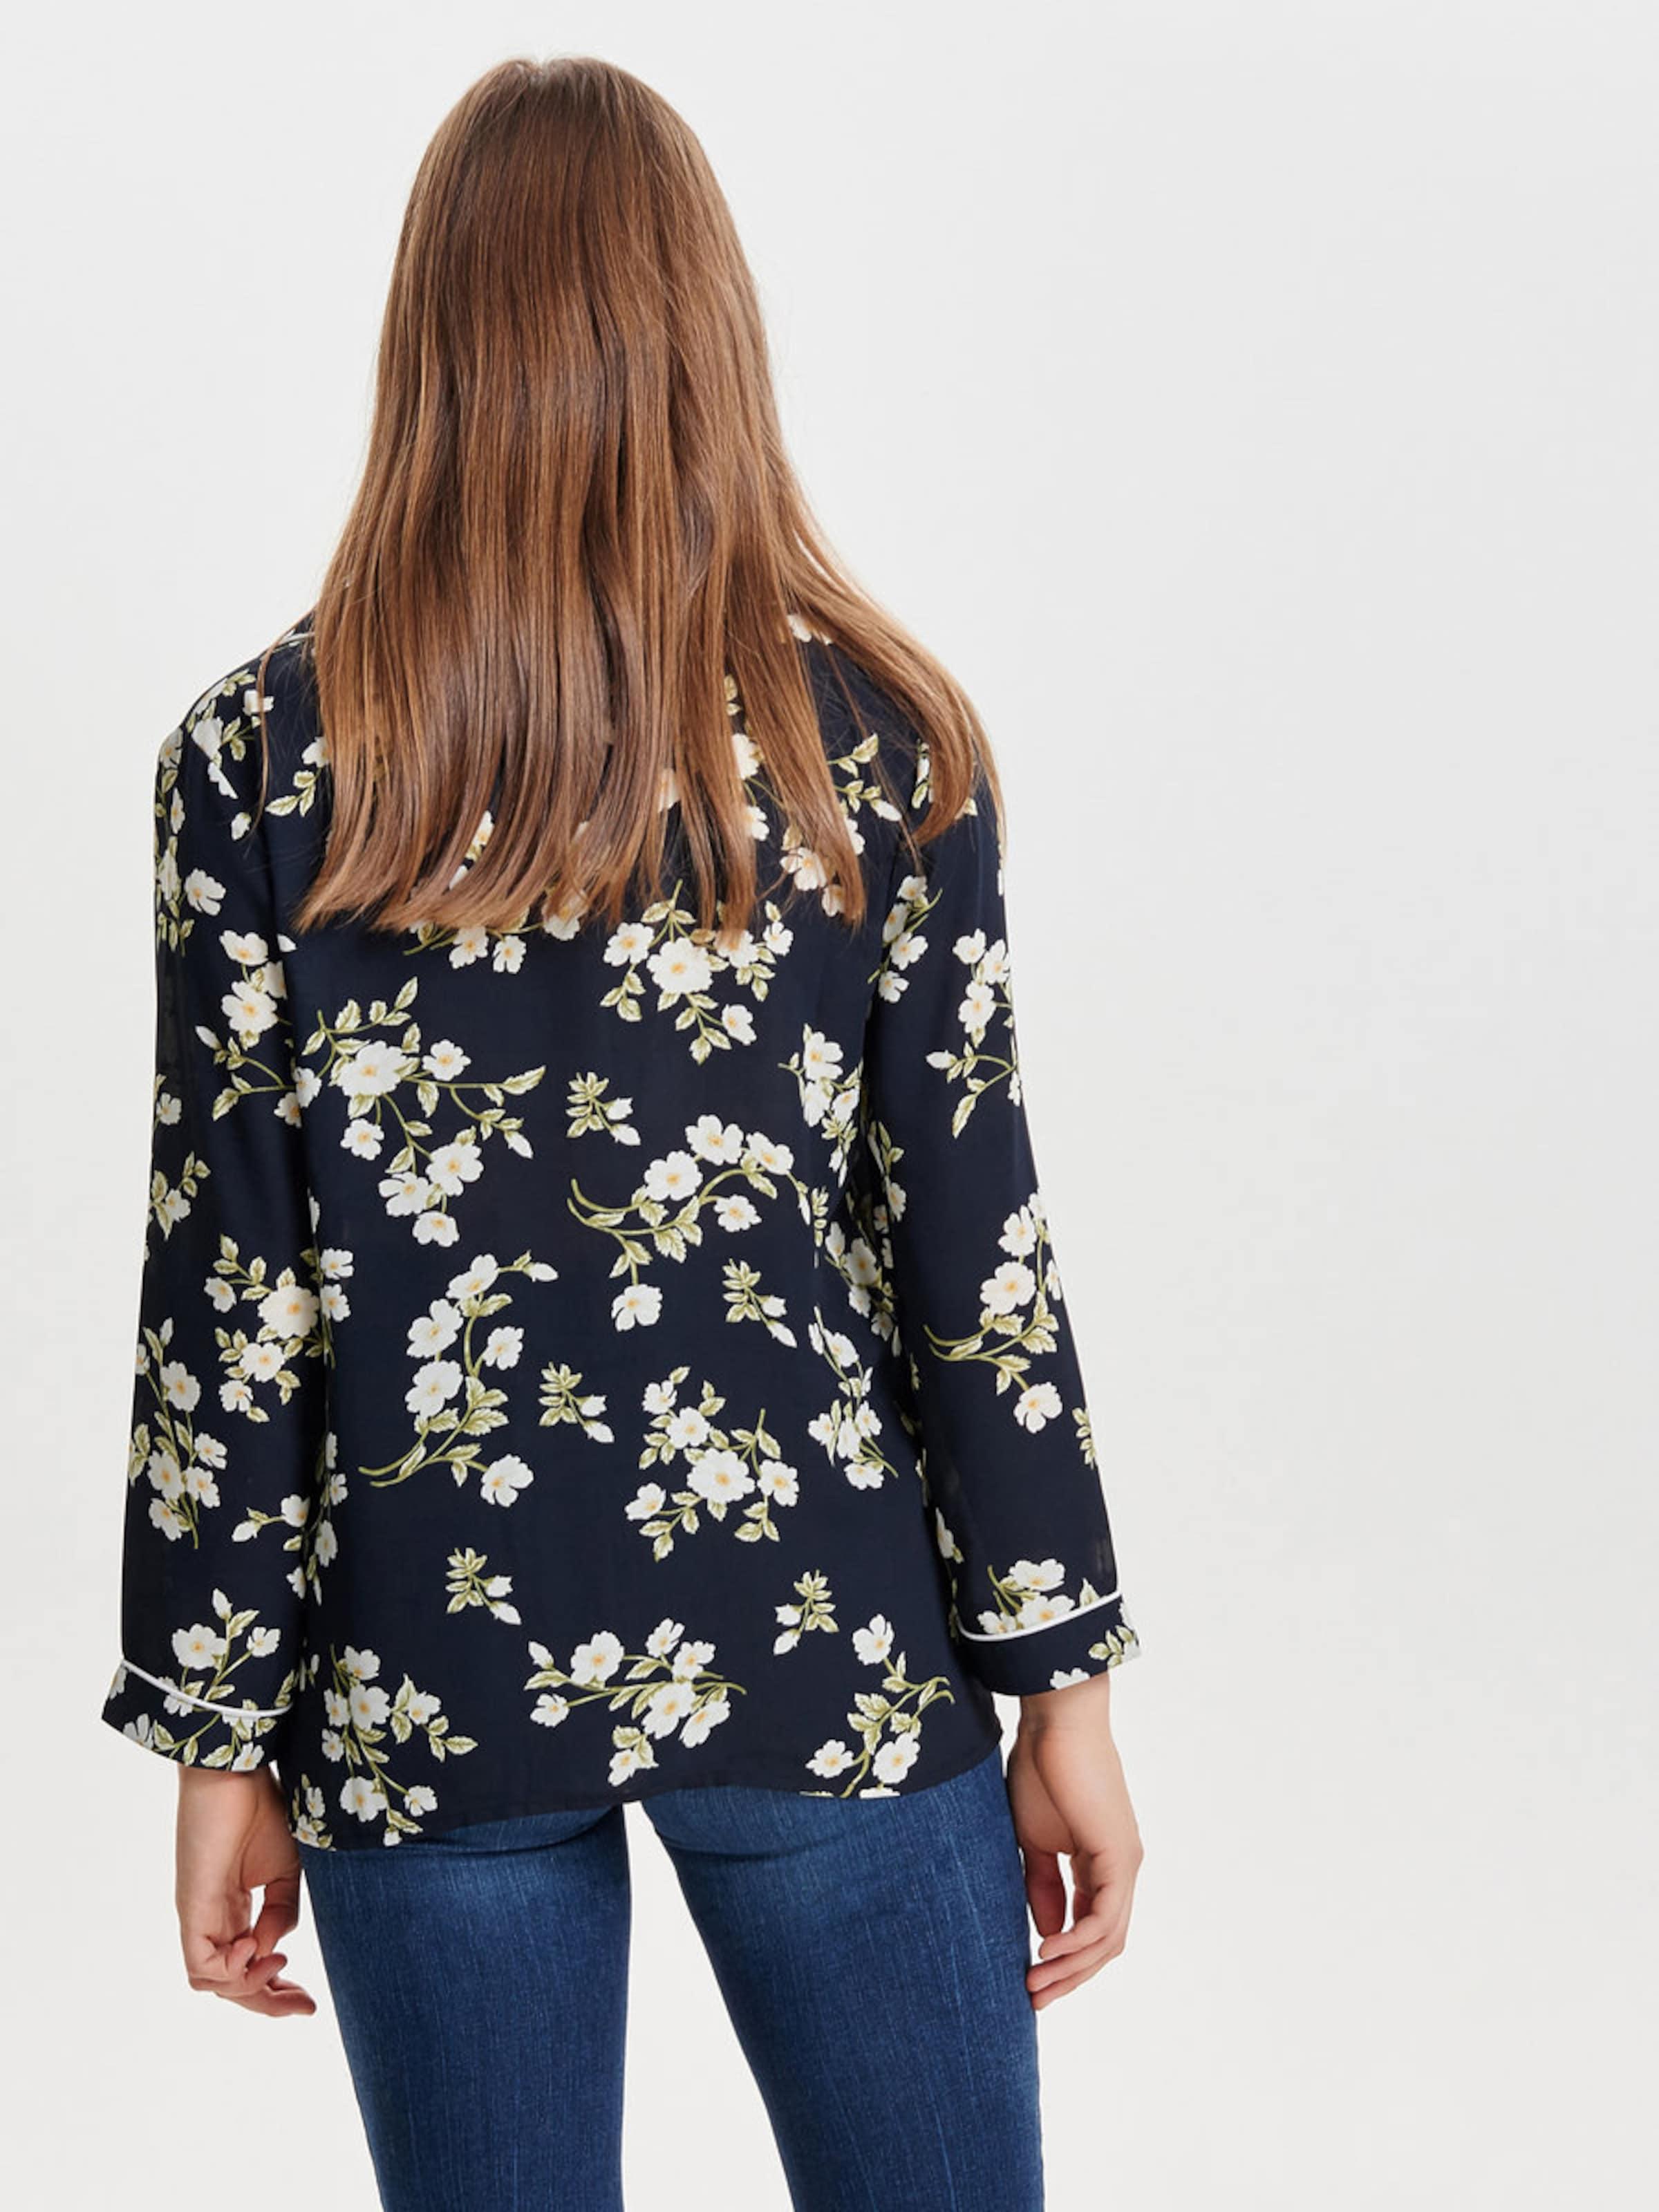 ONLY Langarmhemd Blumen Spielraum Breite Palette Von Große Diskont Verkauf Online Spielraum Größte Lieferant hIoIjhG